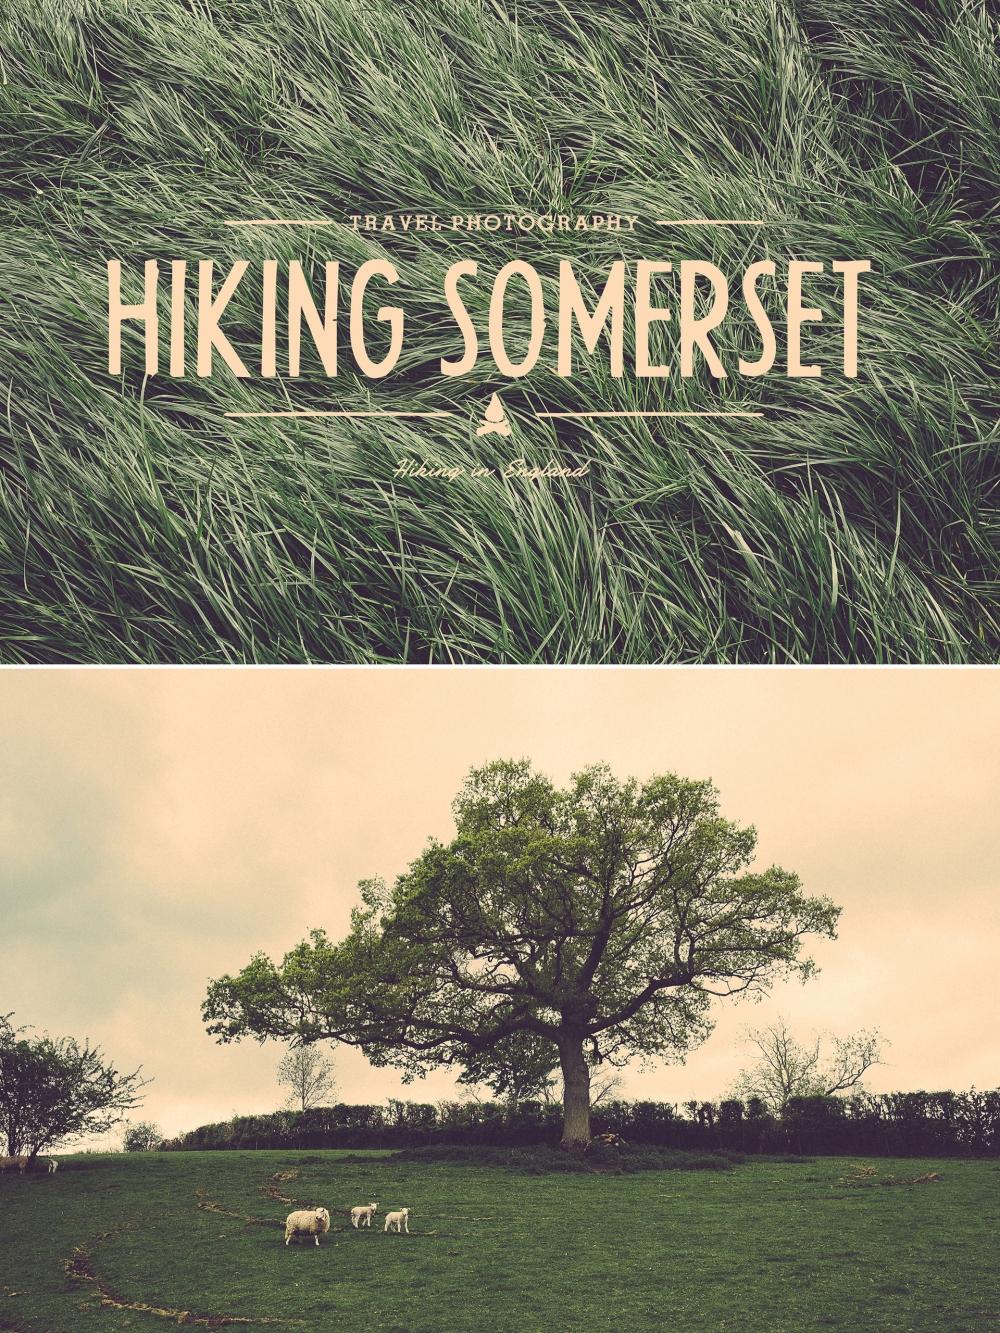 Wandern im Südwesten Englands, mit der Fuji X-T1 in Somerset